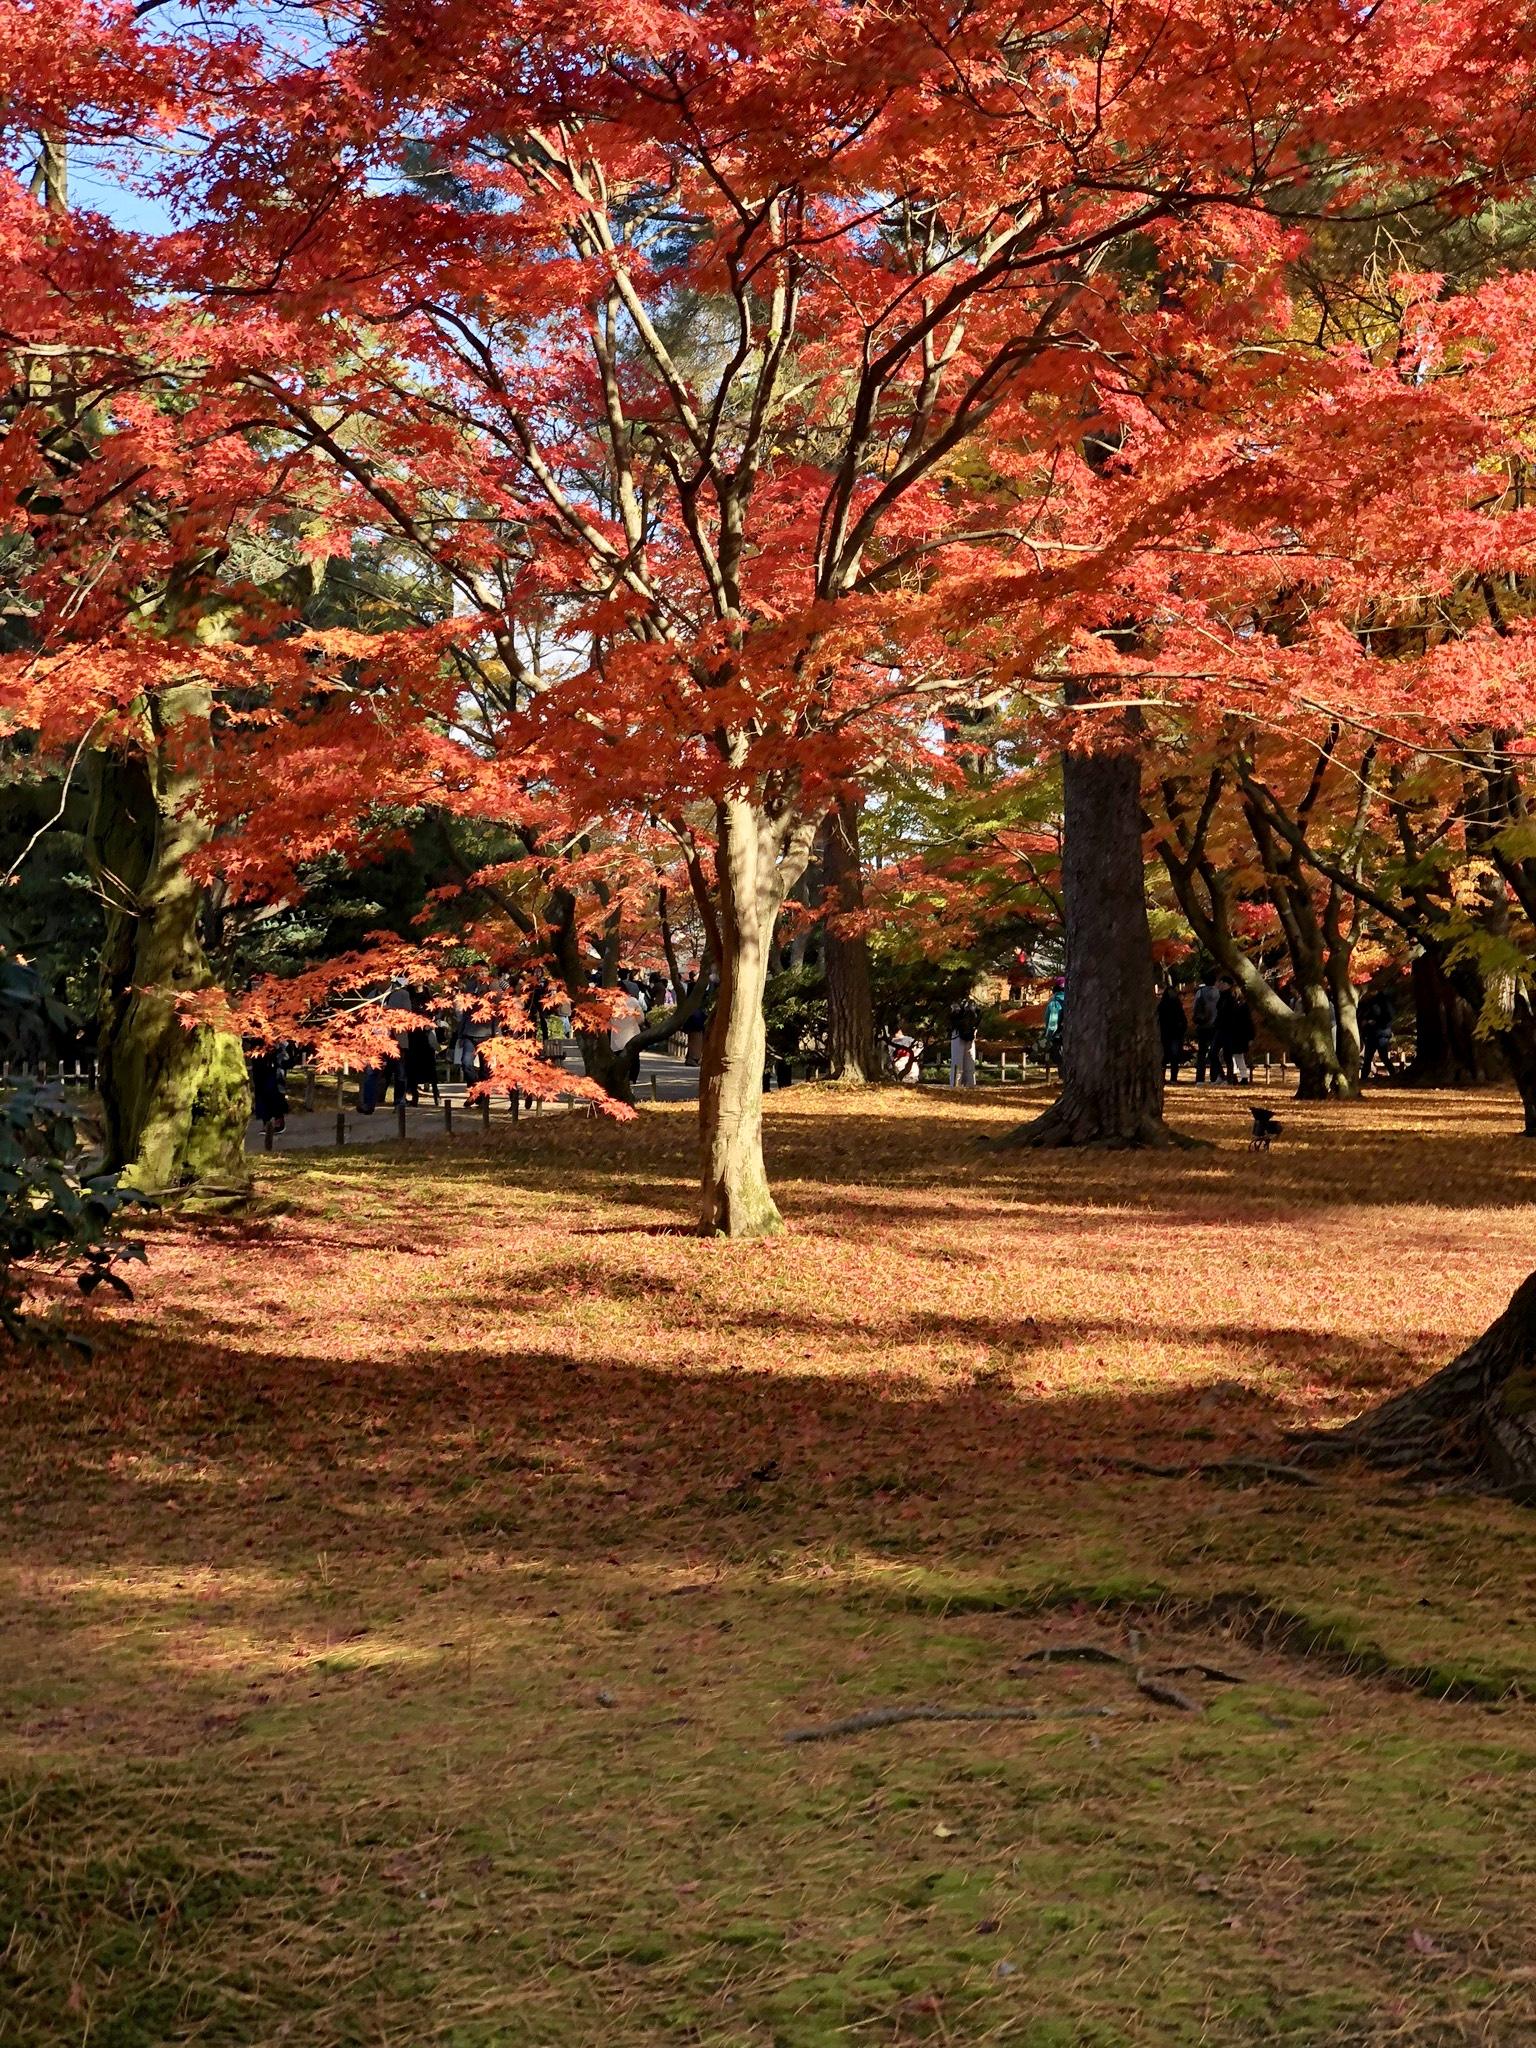 Japanese maples in Kenroku-en